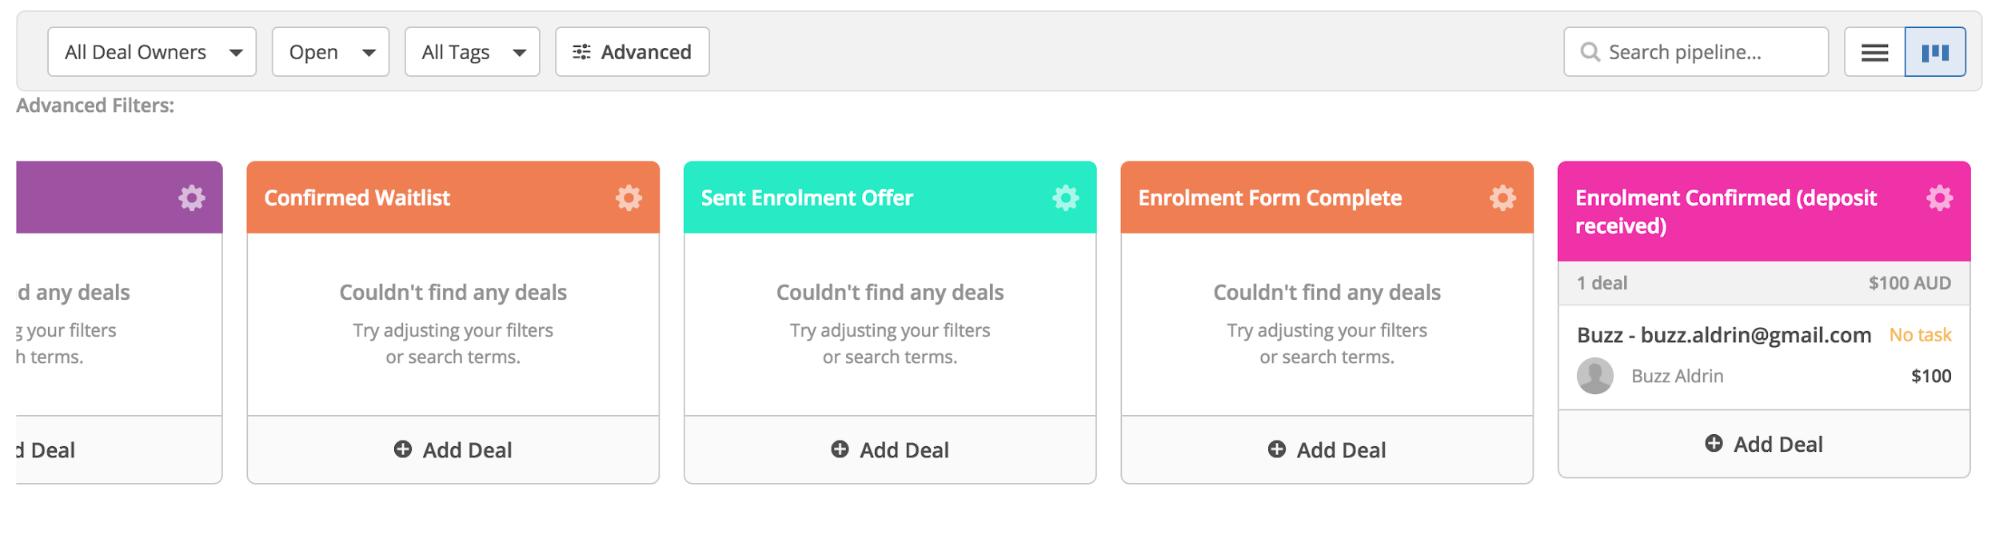 enrollment confirmed deal stage